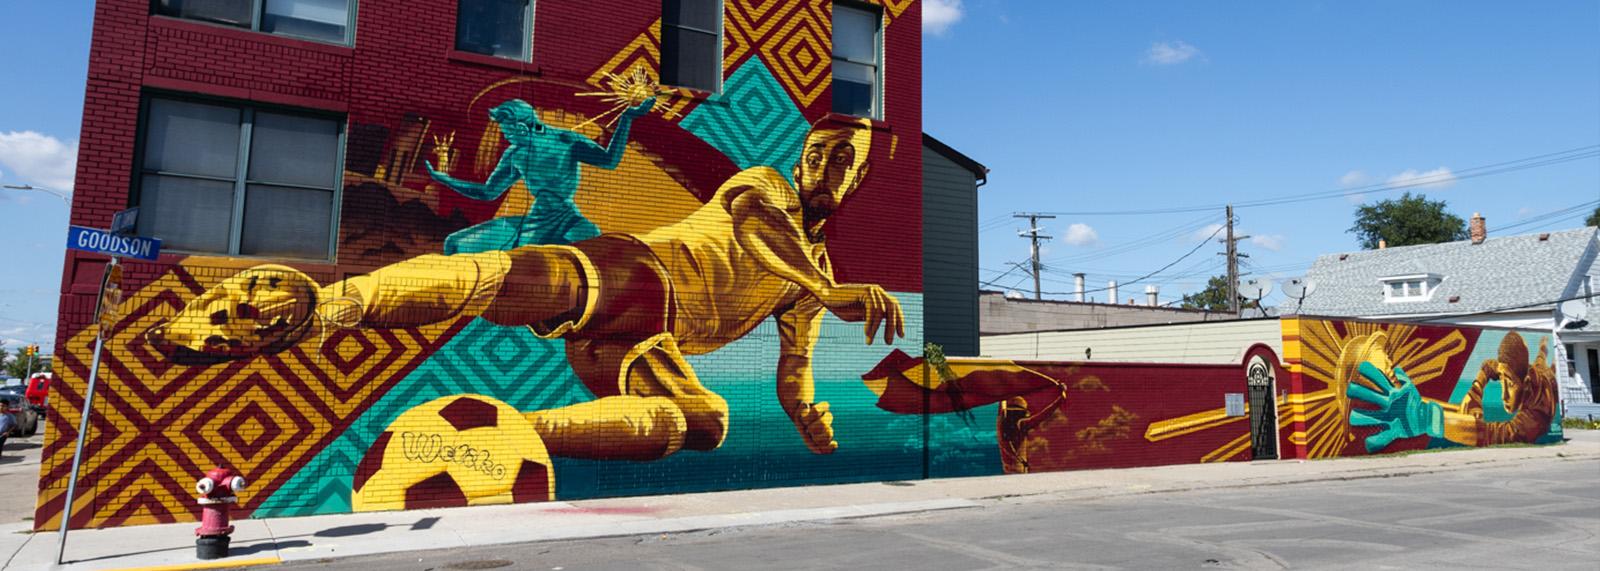 dcfc mural.jpg